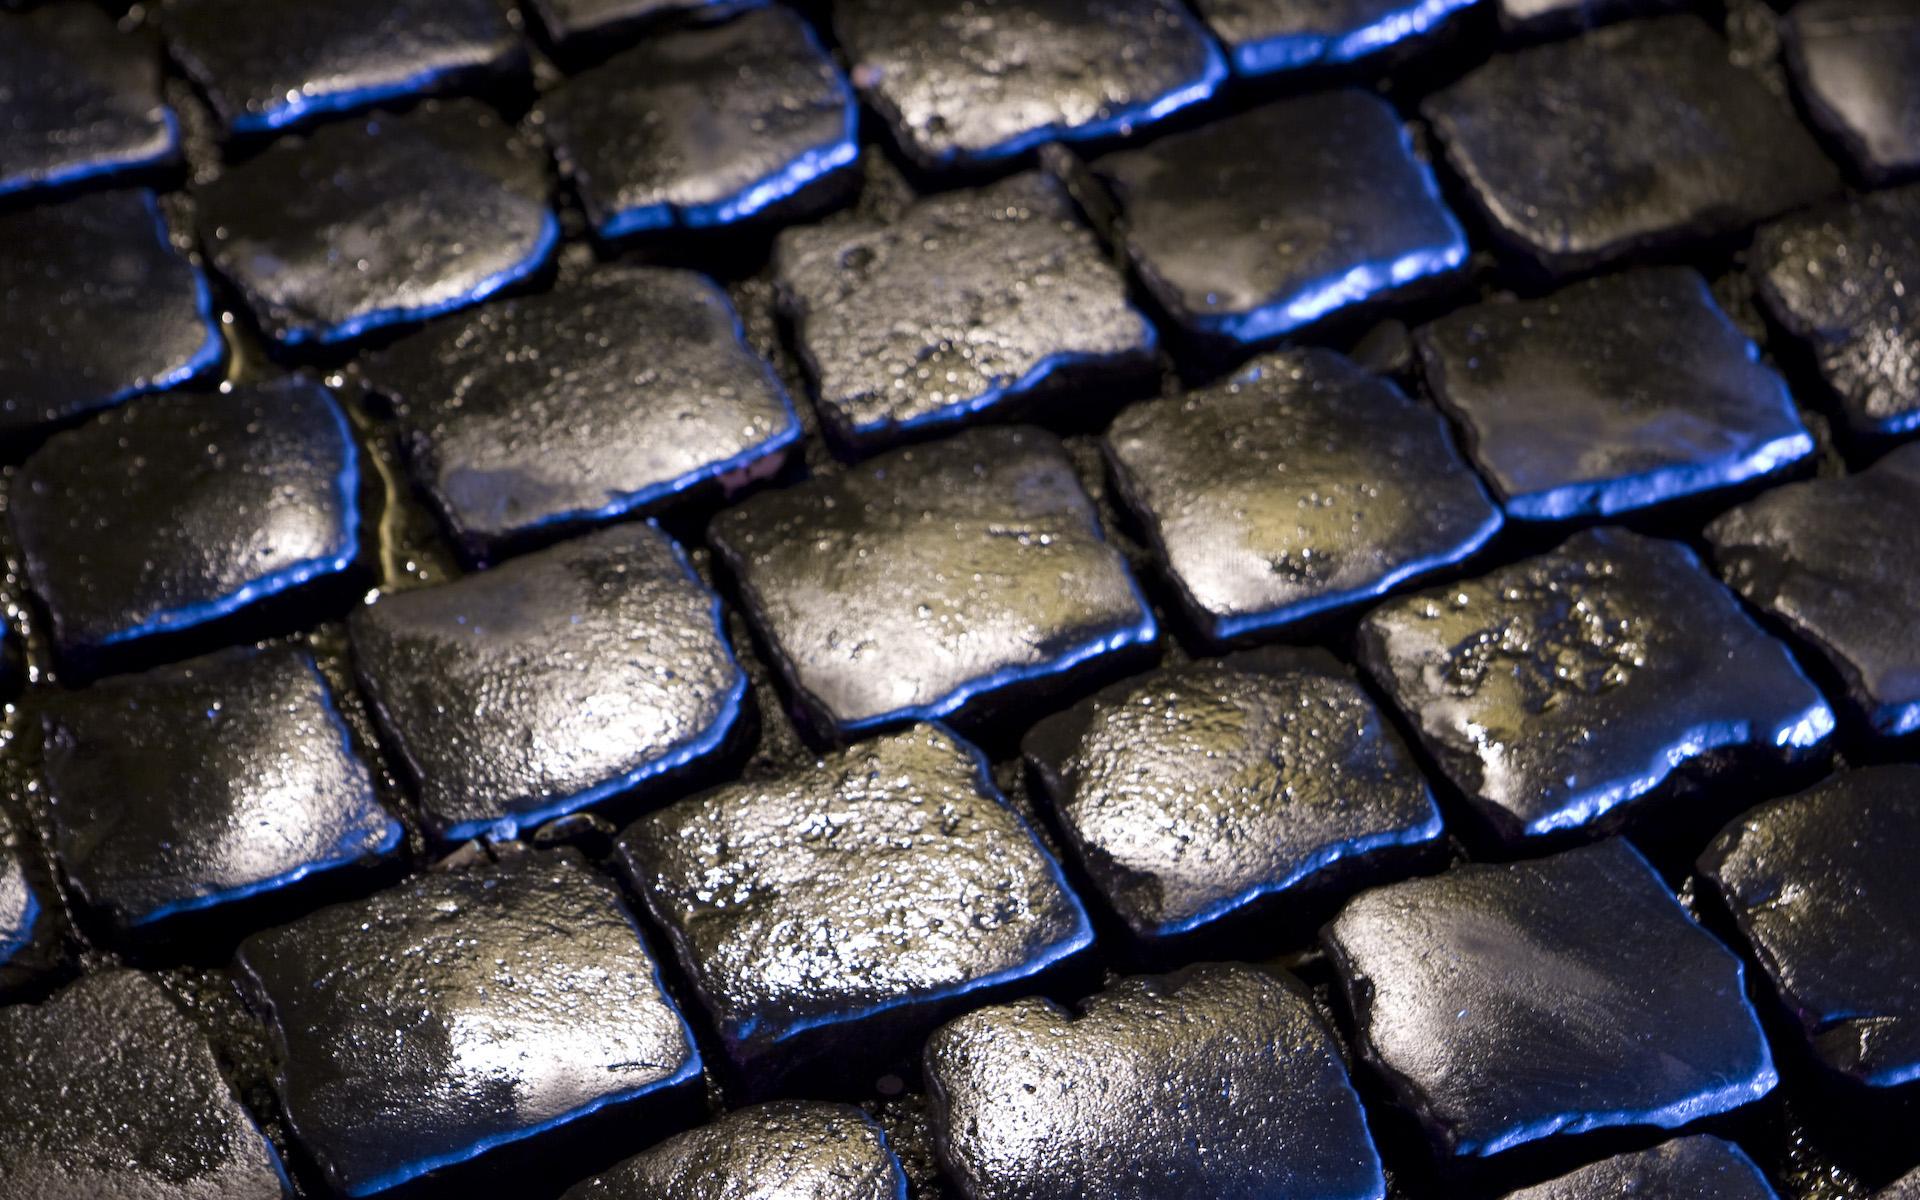 http://2.bp.blogspot.com/-ov8Oboi2u8I/TiywQcva9eI/AAAAAAAAYlw/uQmb6fVLAz8/d/retro%2Bwallpapers%2B-windows%2B7%2B%25252811%252529.jpg